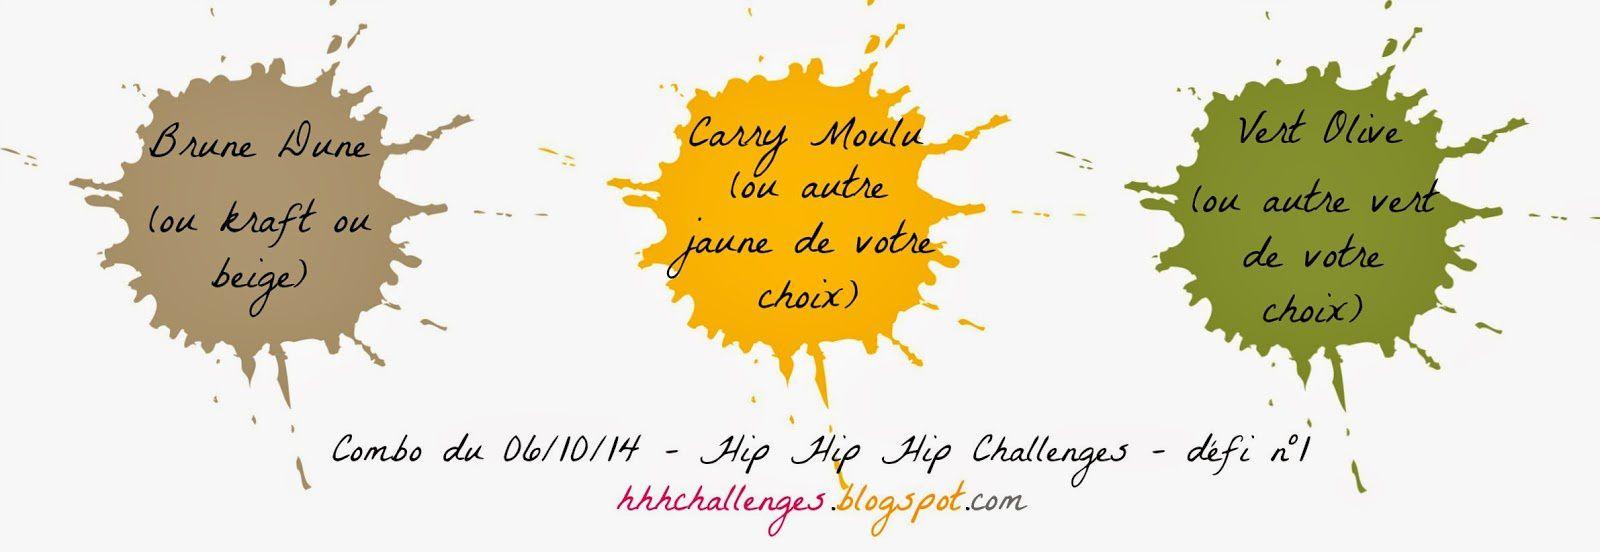 Hip Hip Hip Challenge #1